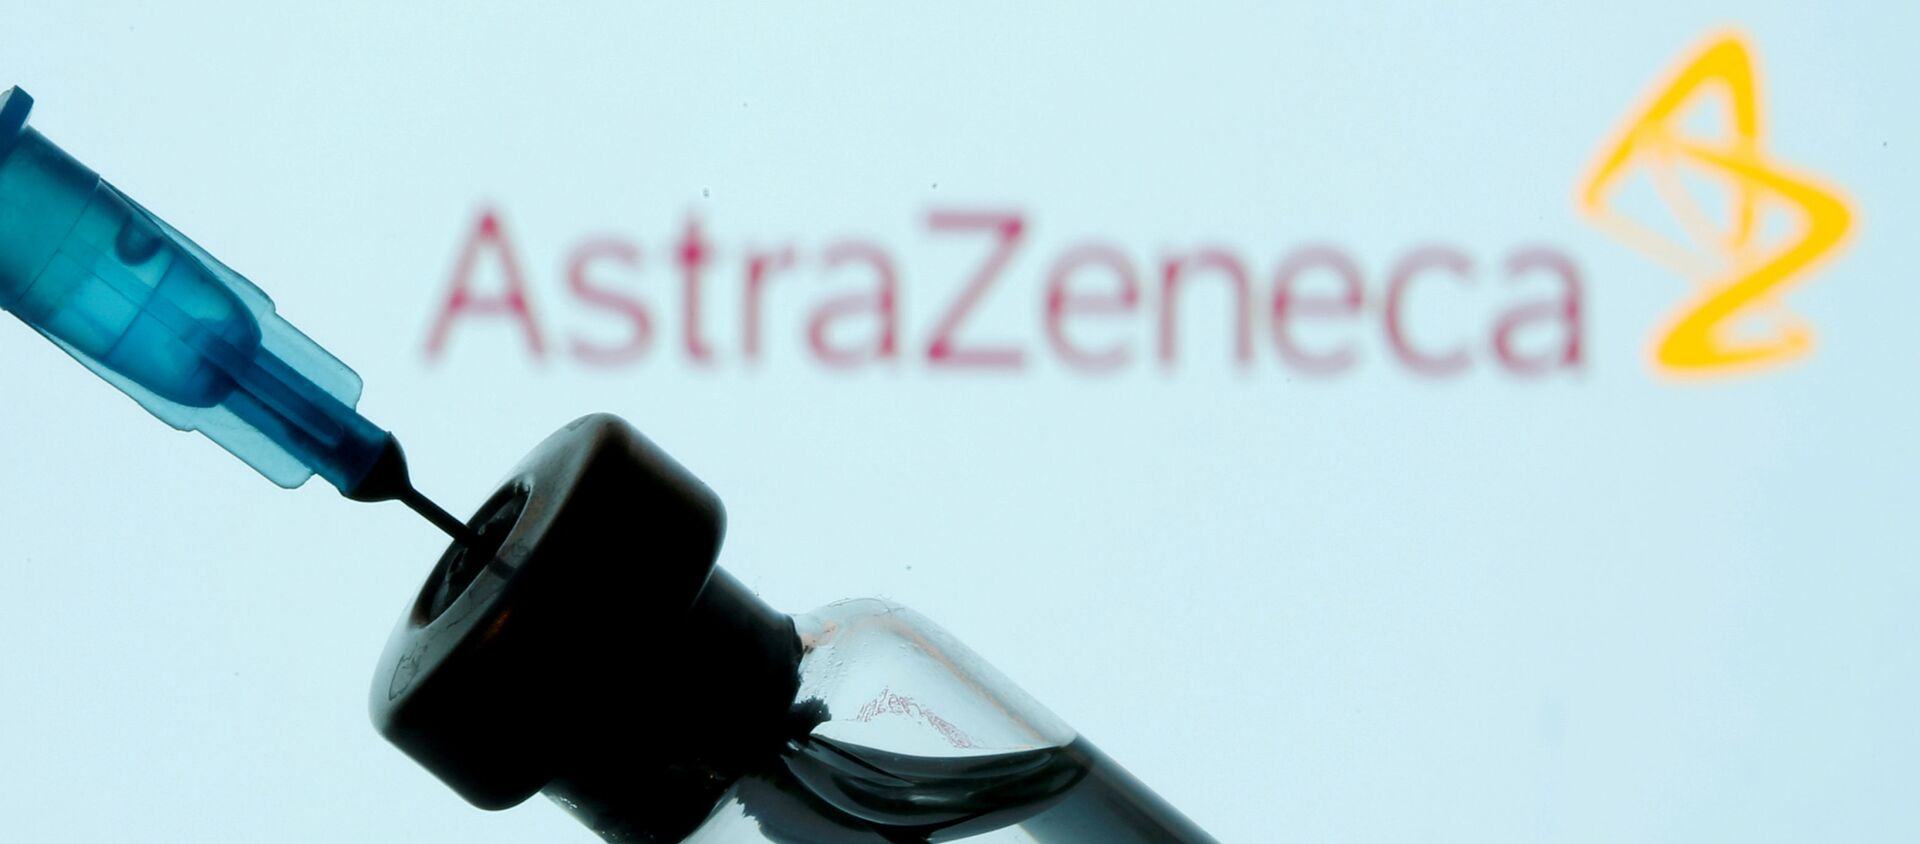 Injekční lahvička a stříkačka před zobrazeným logem AstraZeneca - Sputnik Česká republika, 1920, 11.02.2021